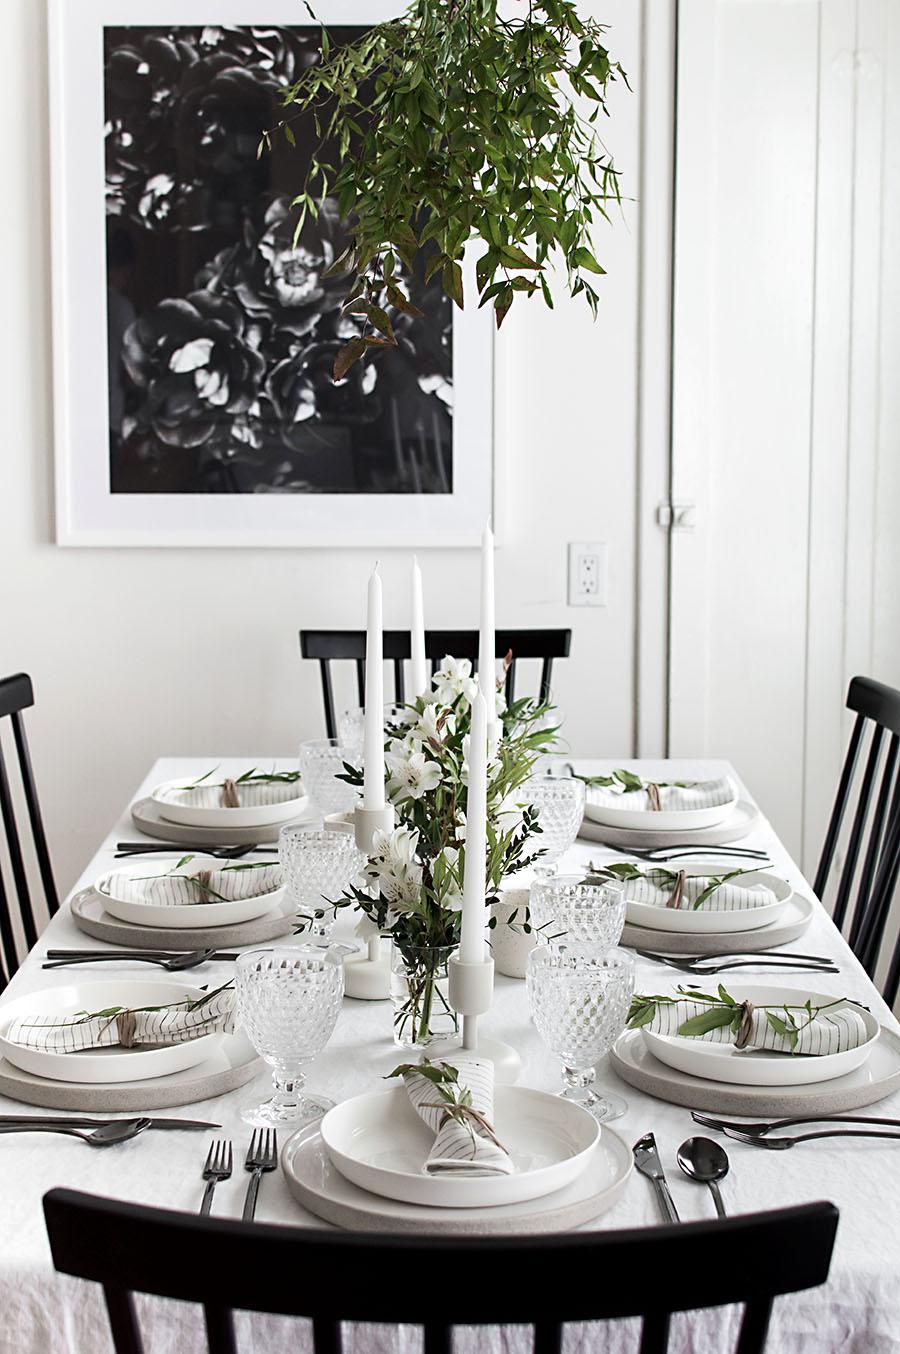 Une jolie idée pour une table de Noel naturelle et toute blanche. Retrouvez tous nos conseils dans l'article !